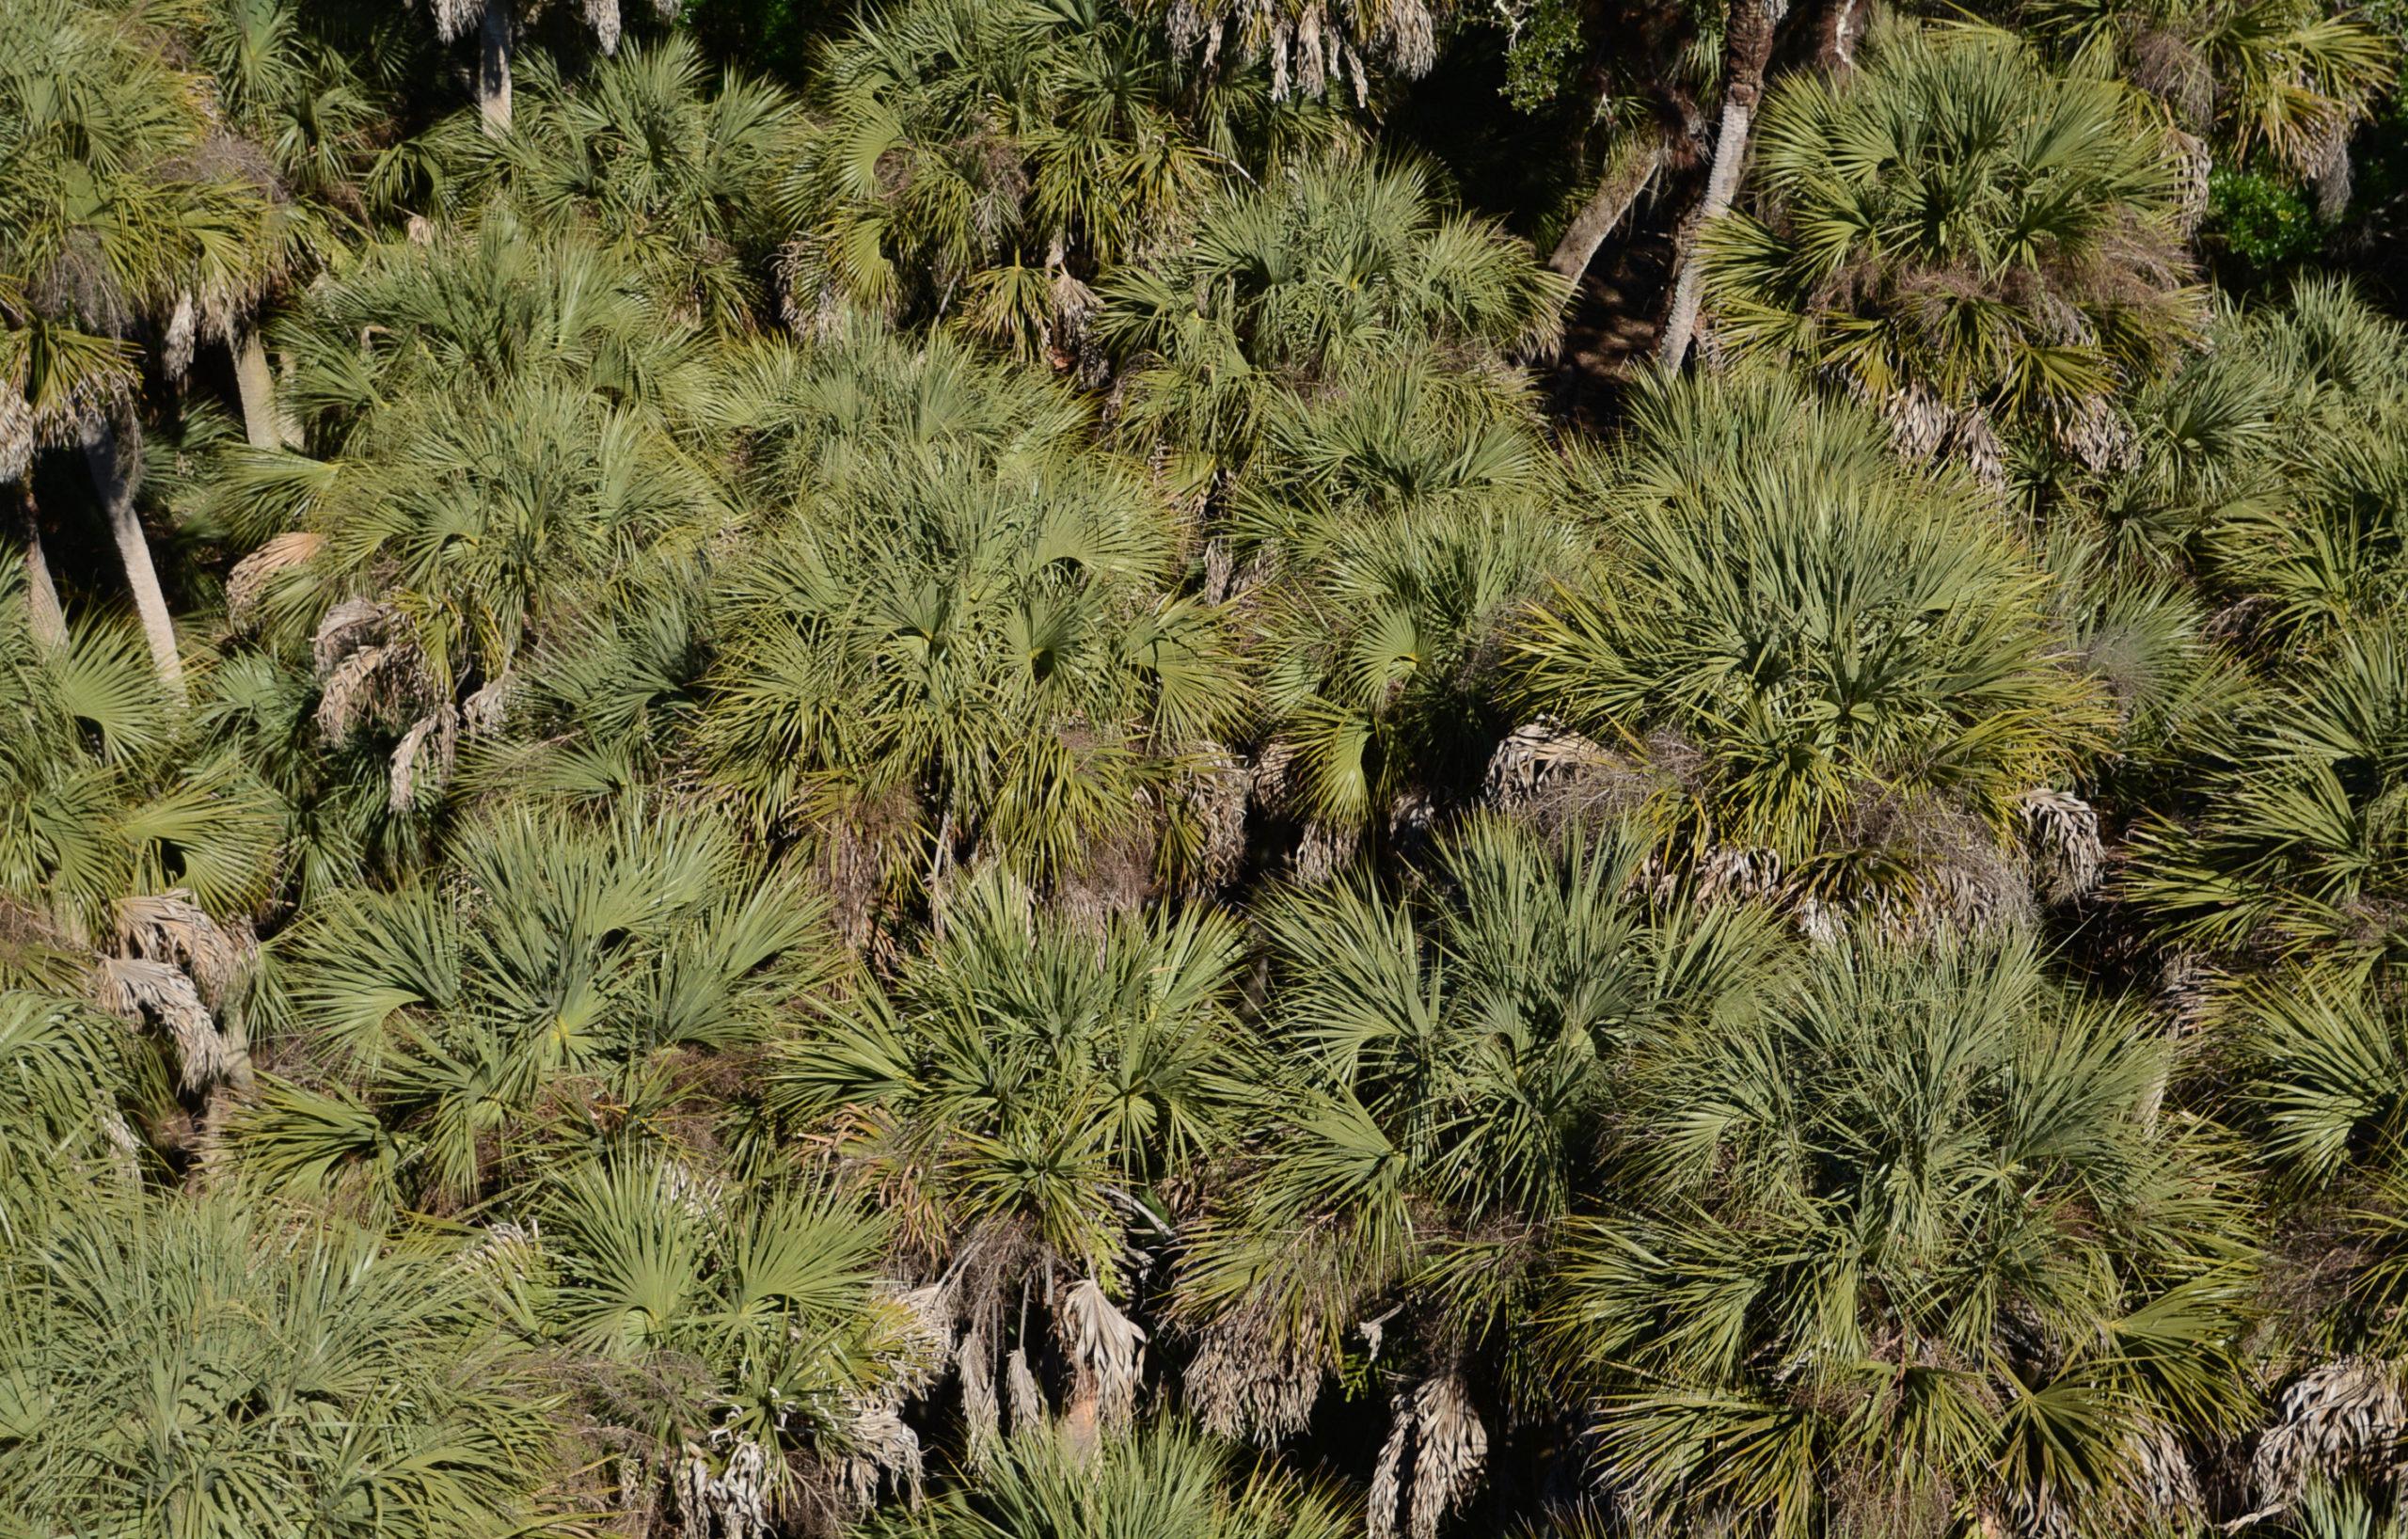 Königspalmen im Myakka State Park in Florida aus der Luft gesehen